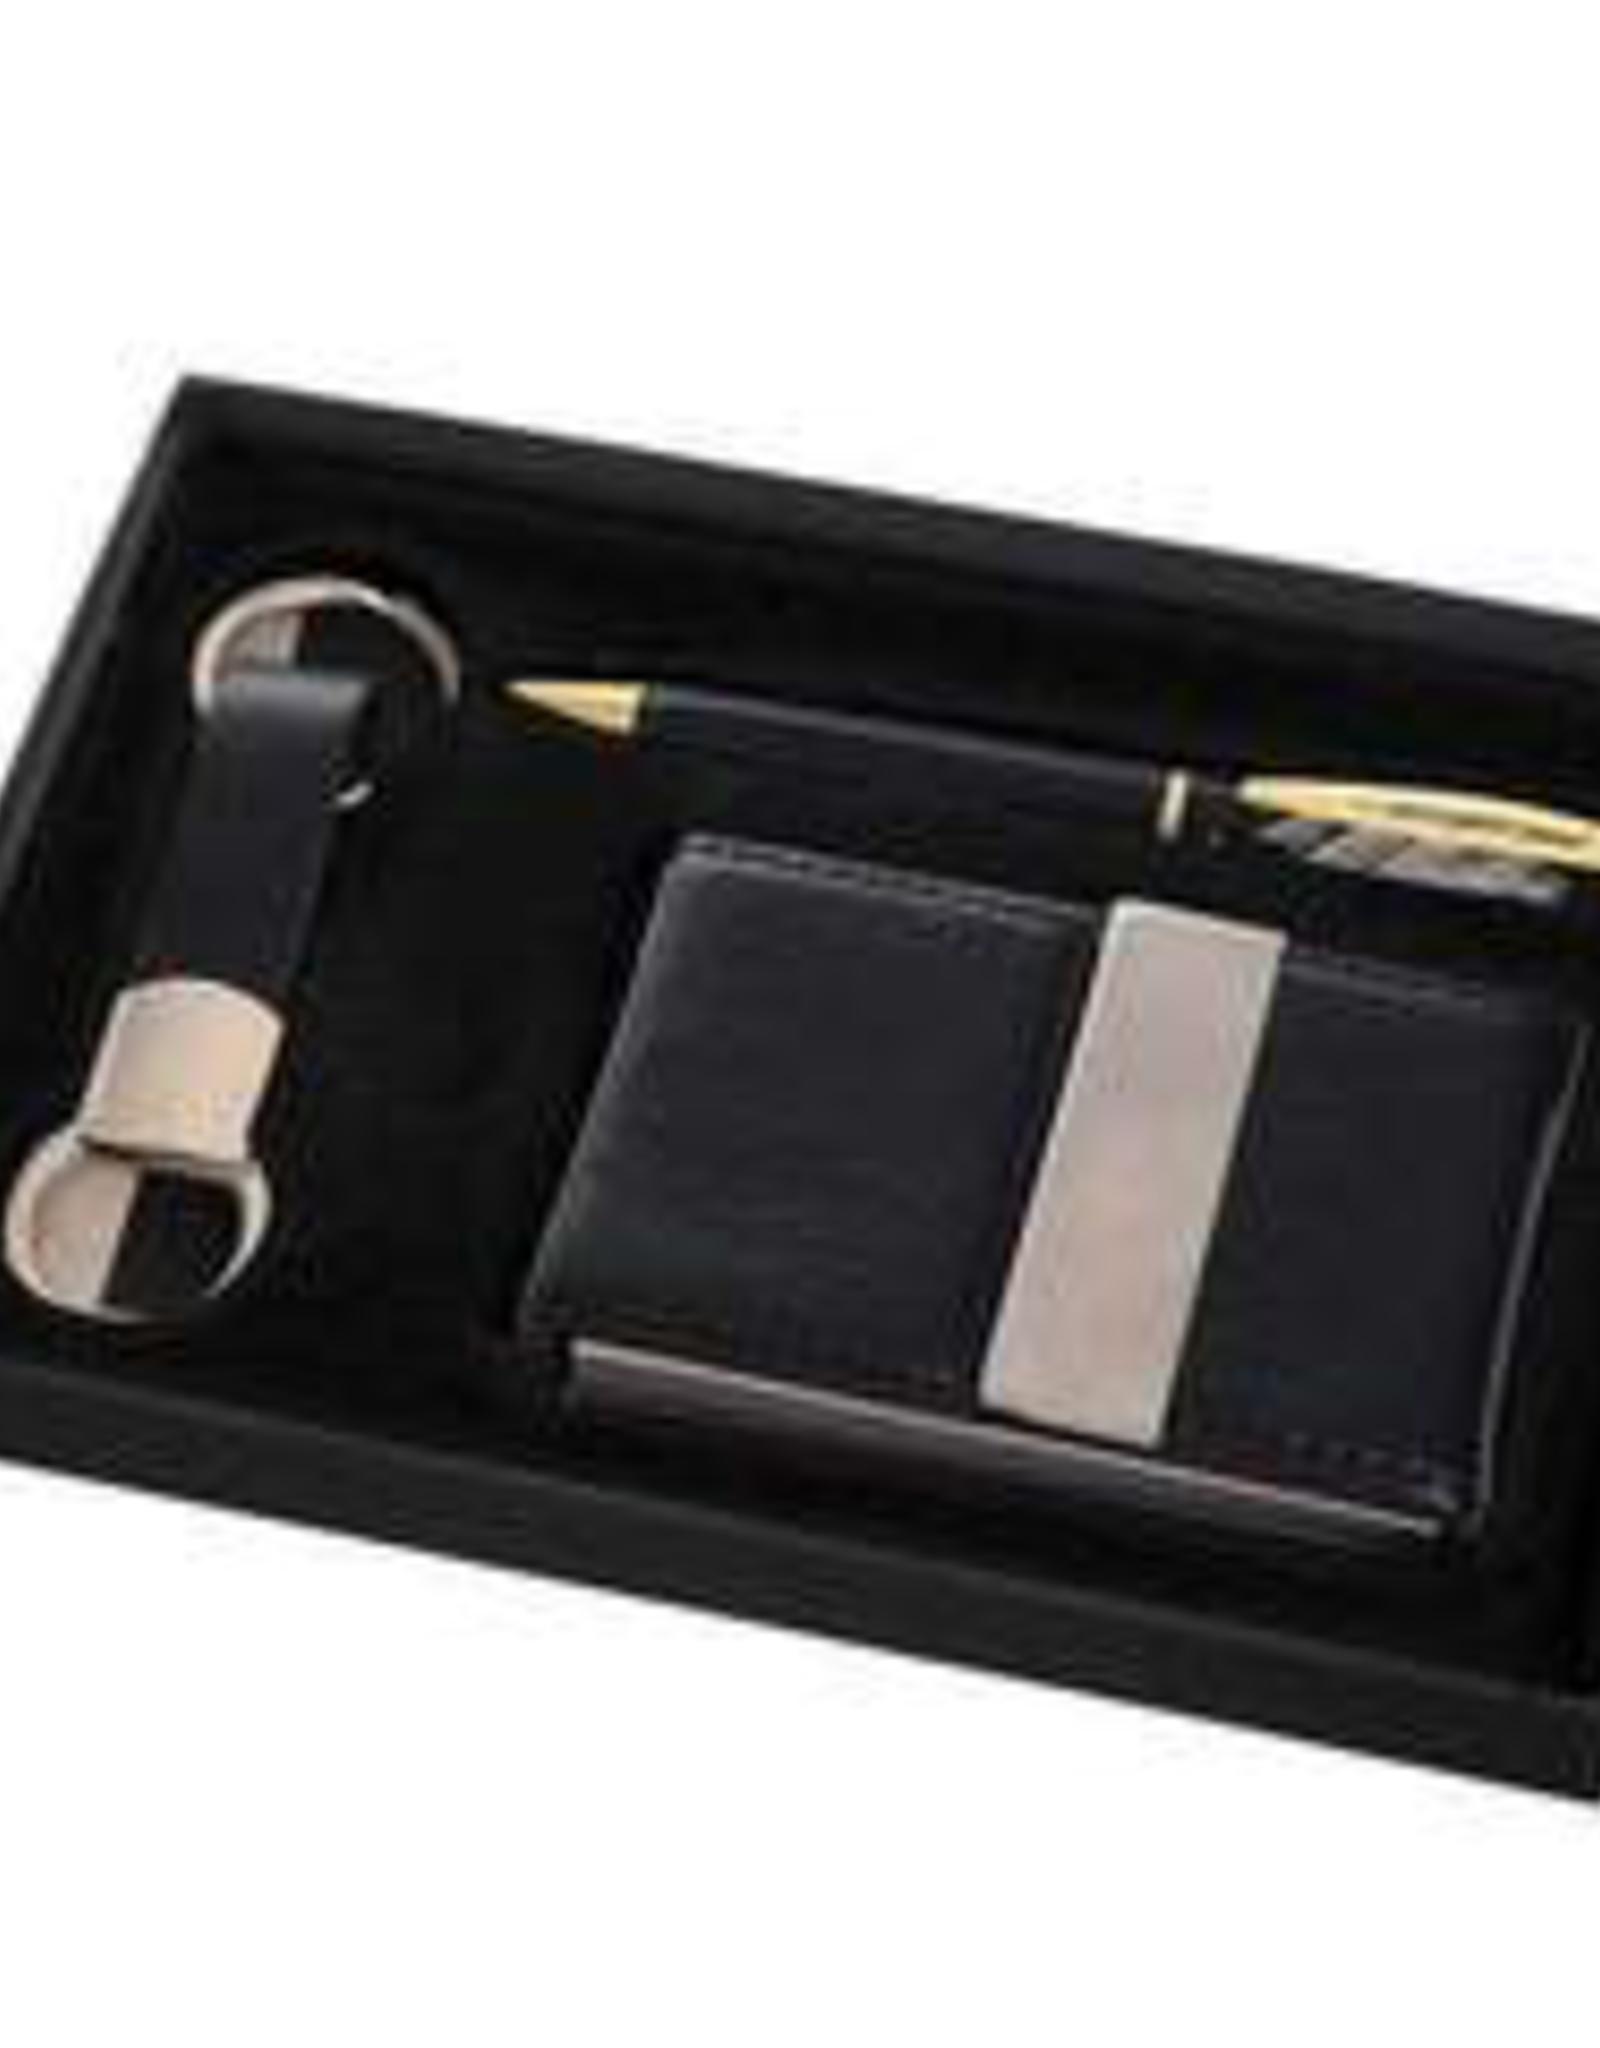 GIFT SET-CARD HOLDER, KEY CHAIN, BLACK PEN